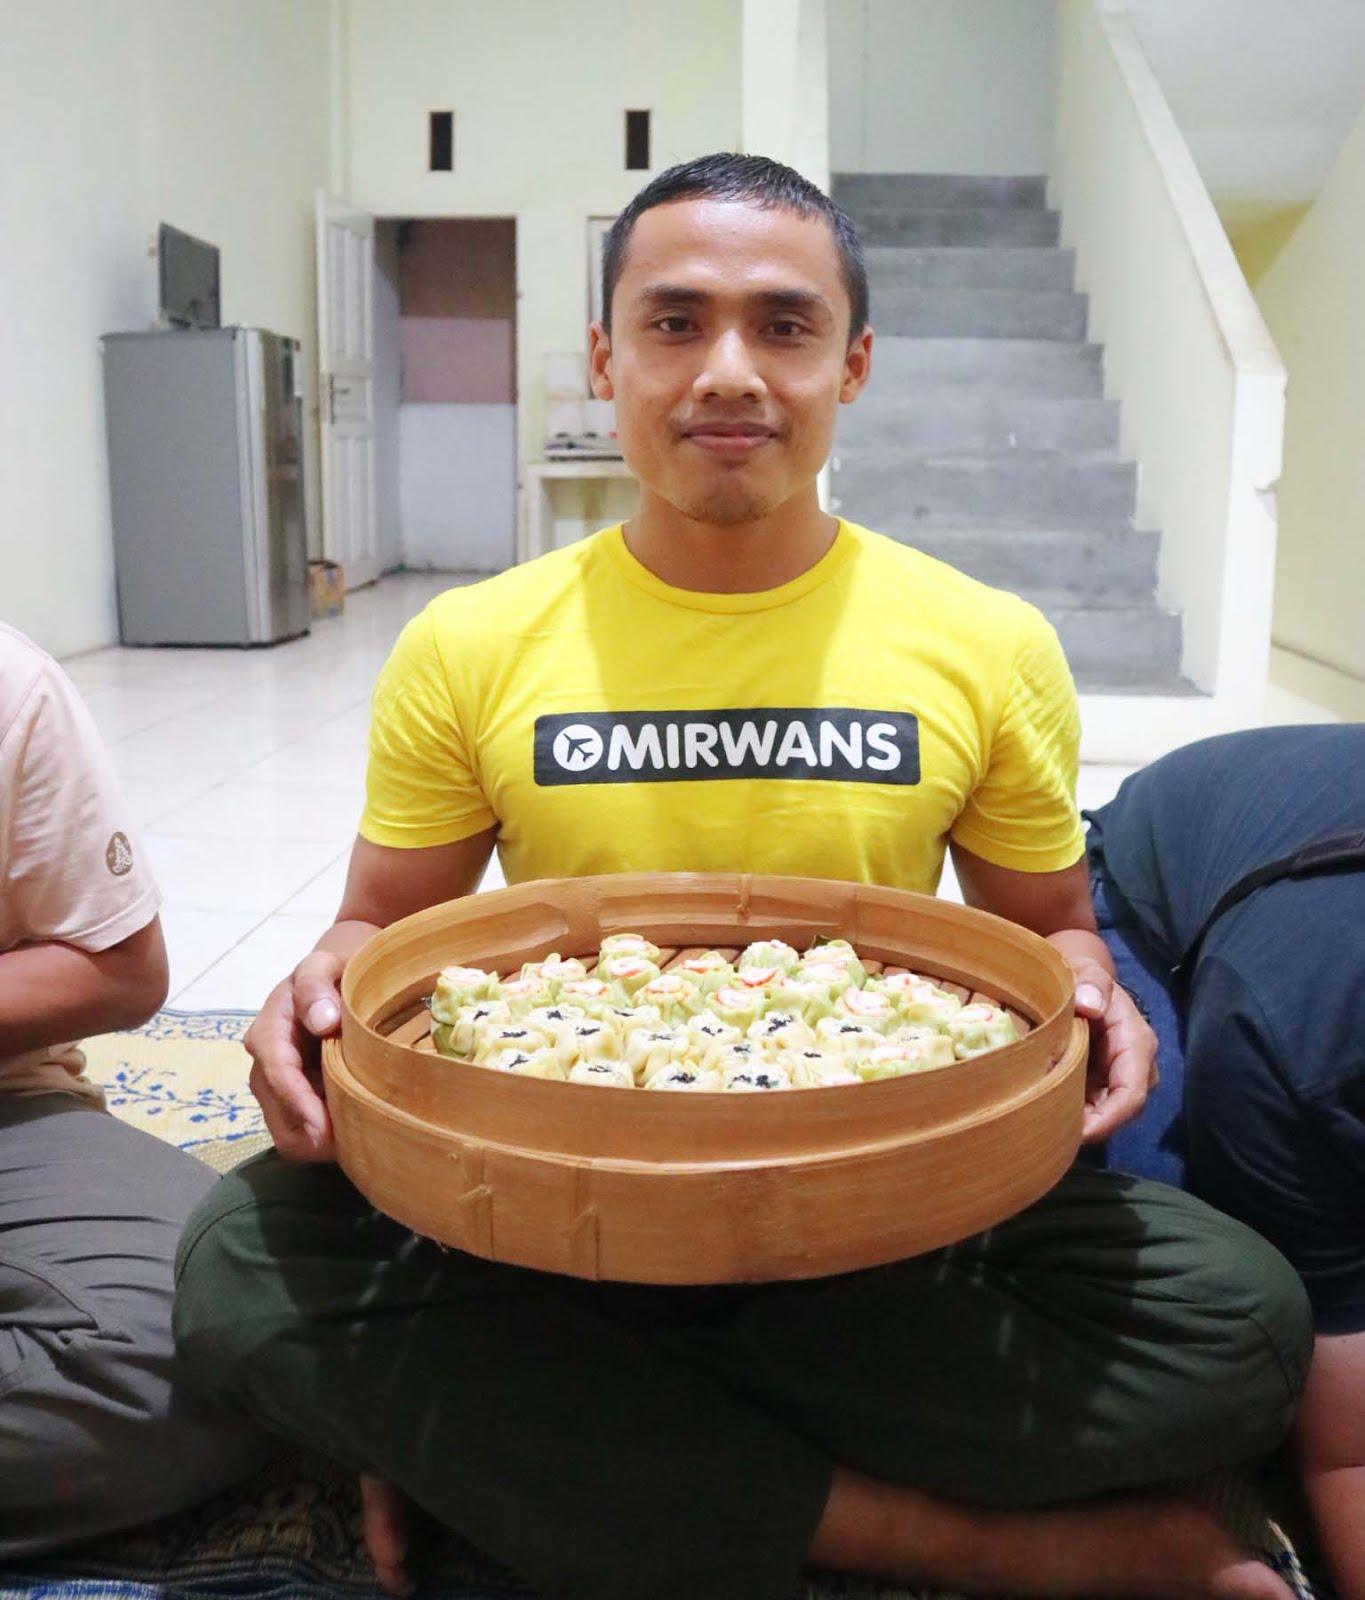 RumRum Dimsum, Tempat Makan Dimsum di Pekanbaru, Dimsum, makanan hits di Indonesia, Jam Operasional RumRum Dimsum, Variant dimsum di RumRum Dimsum, Harga RumRum Dimsum per porsi